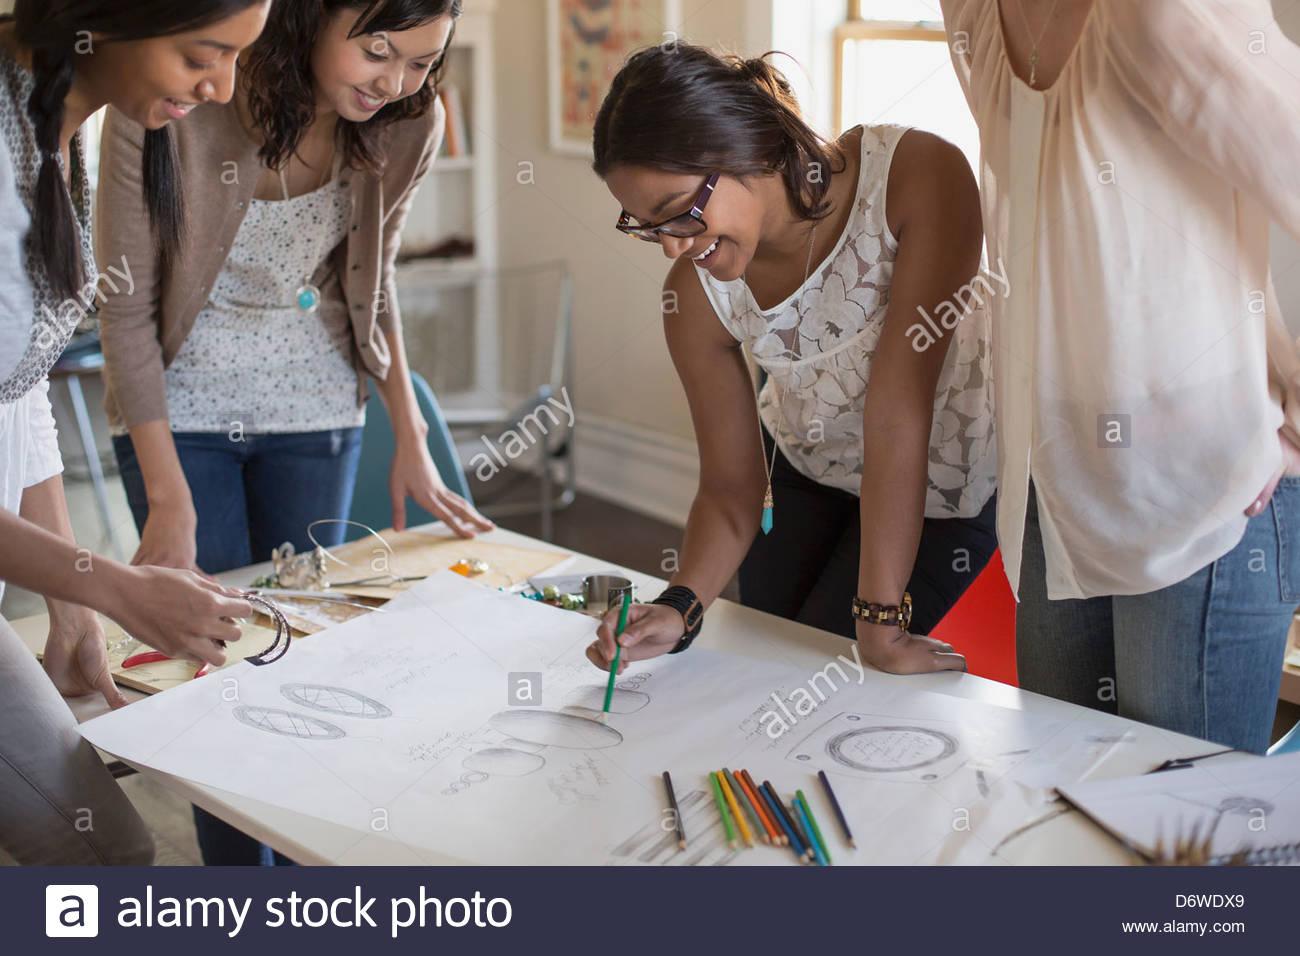 Dessin de conception de bijoux artiste féminine avec des collègues au bureau permanent Photo Stock